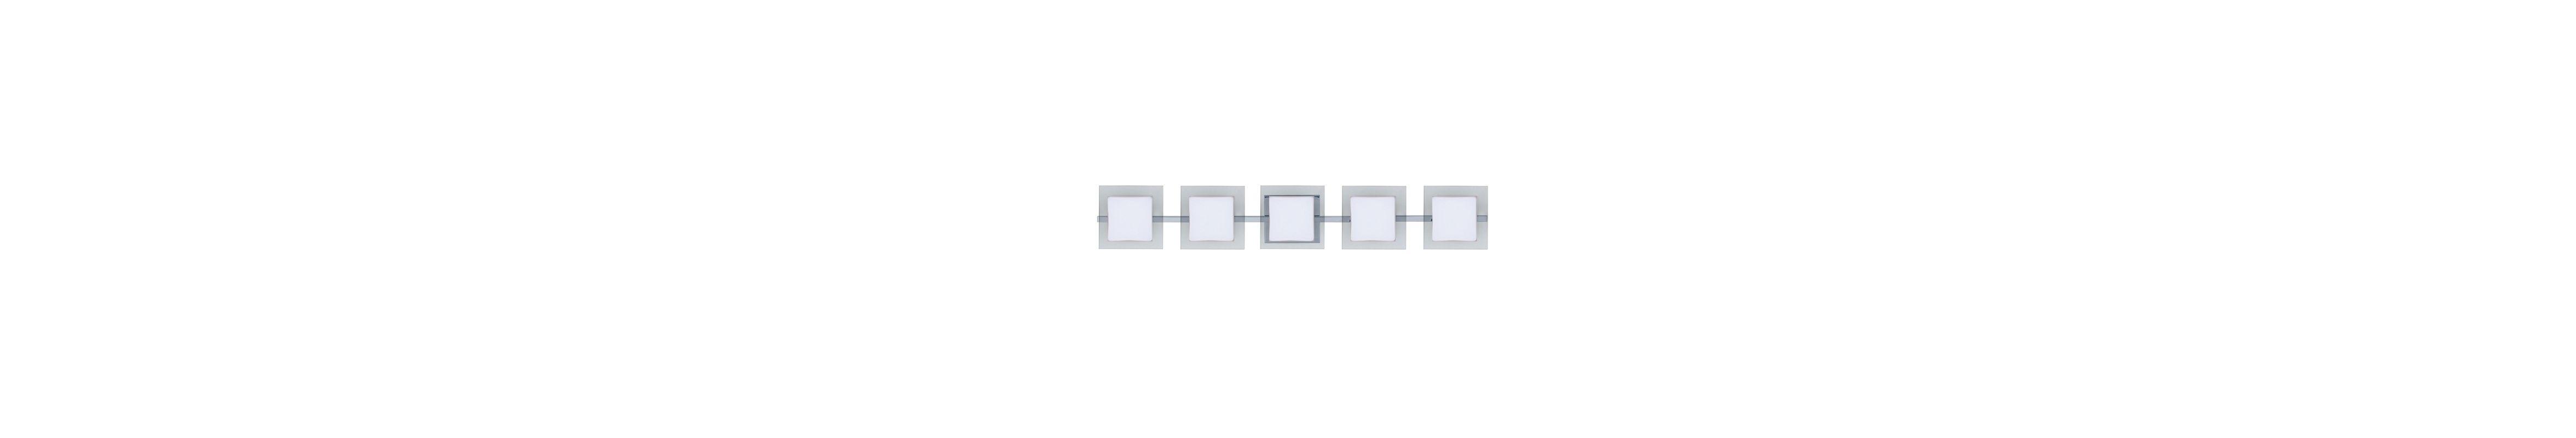 Besa Lighting 5WS-773539 Alex 5 Light ADA Compliant Halogen Bathroom